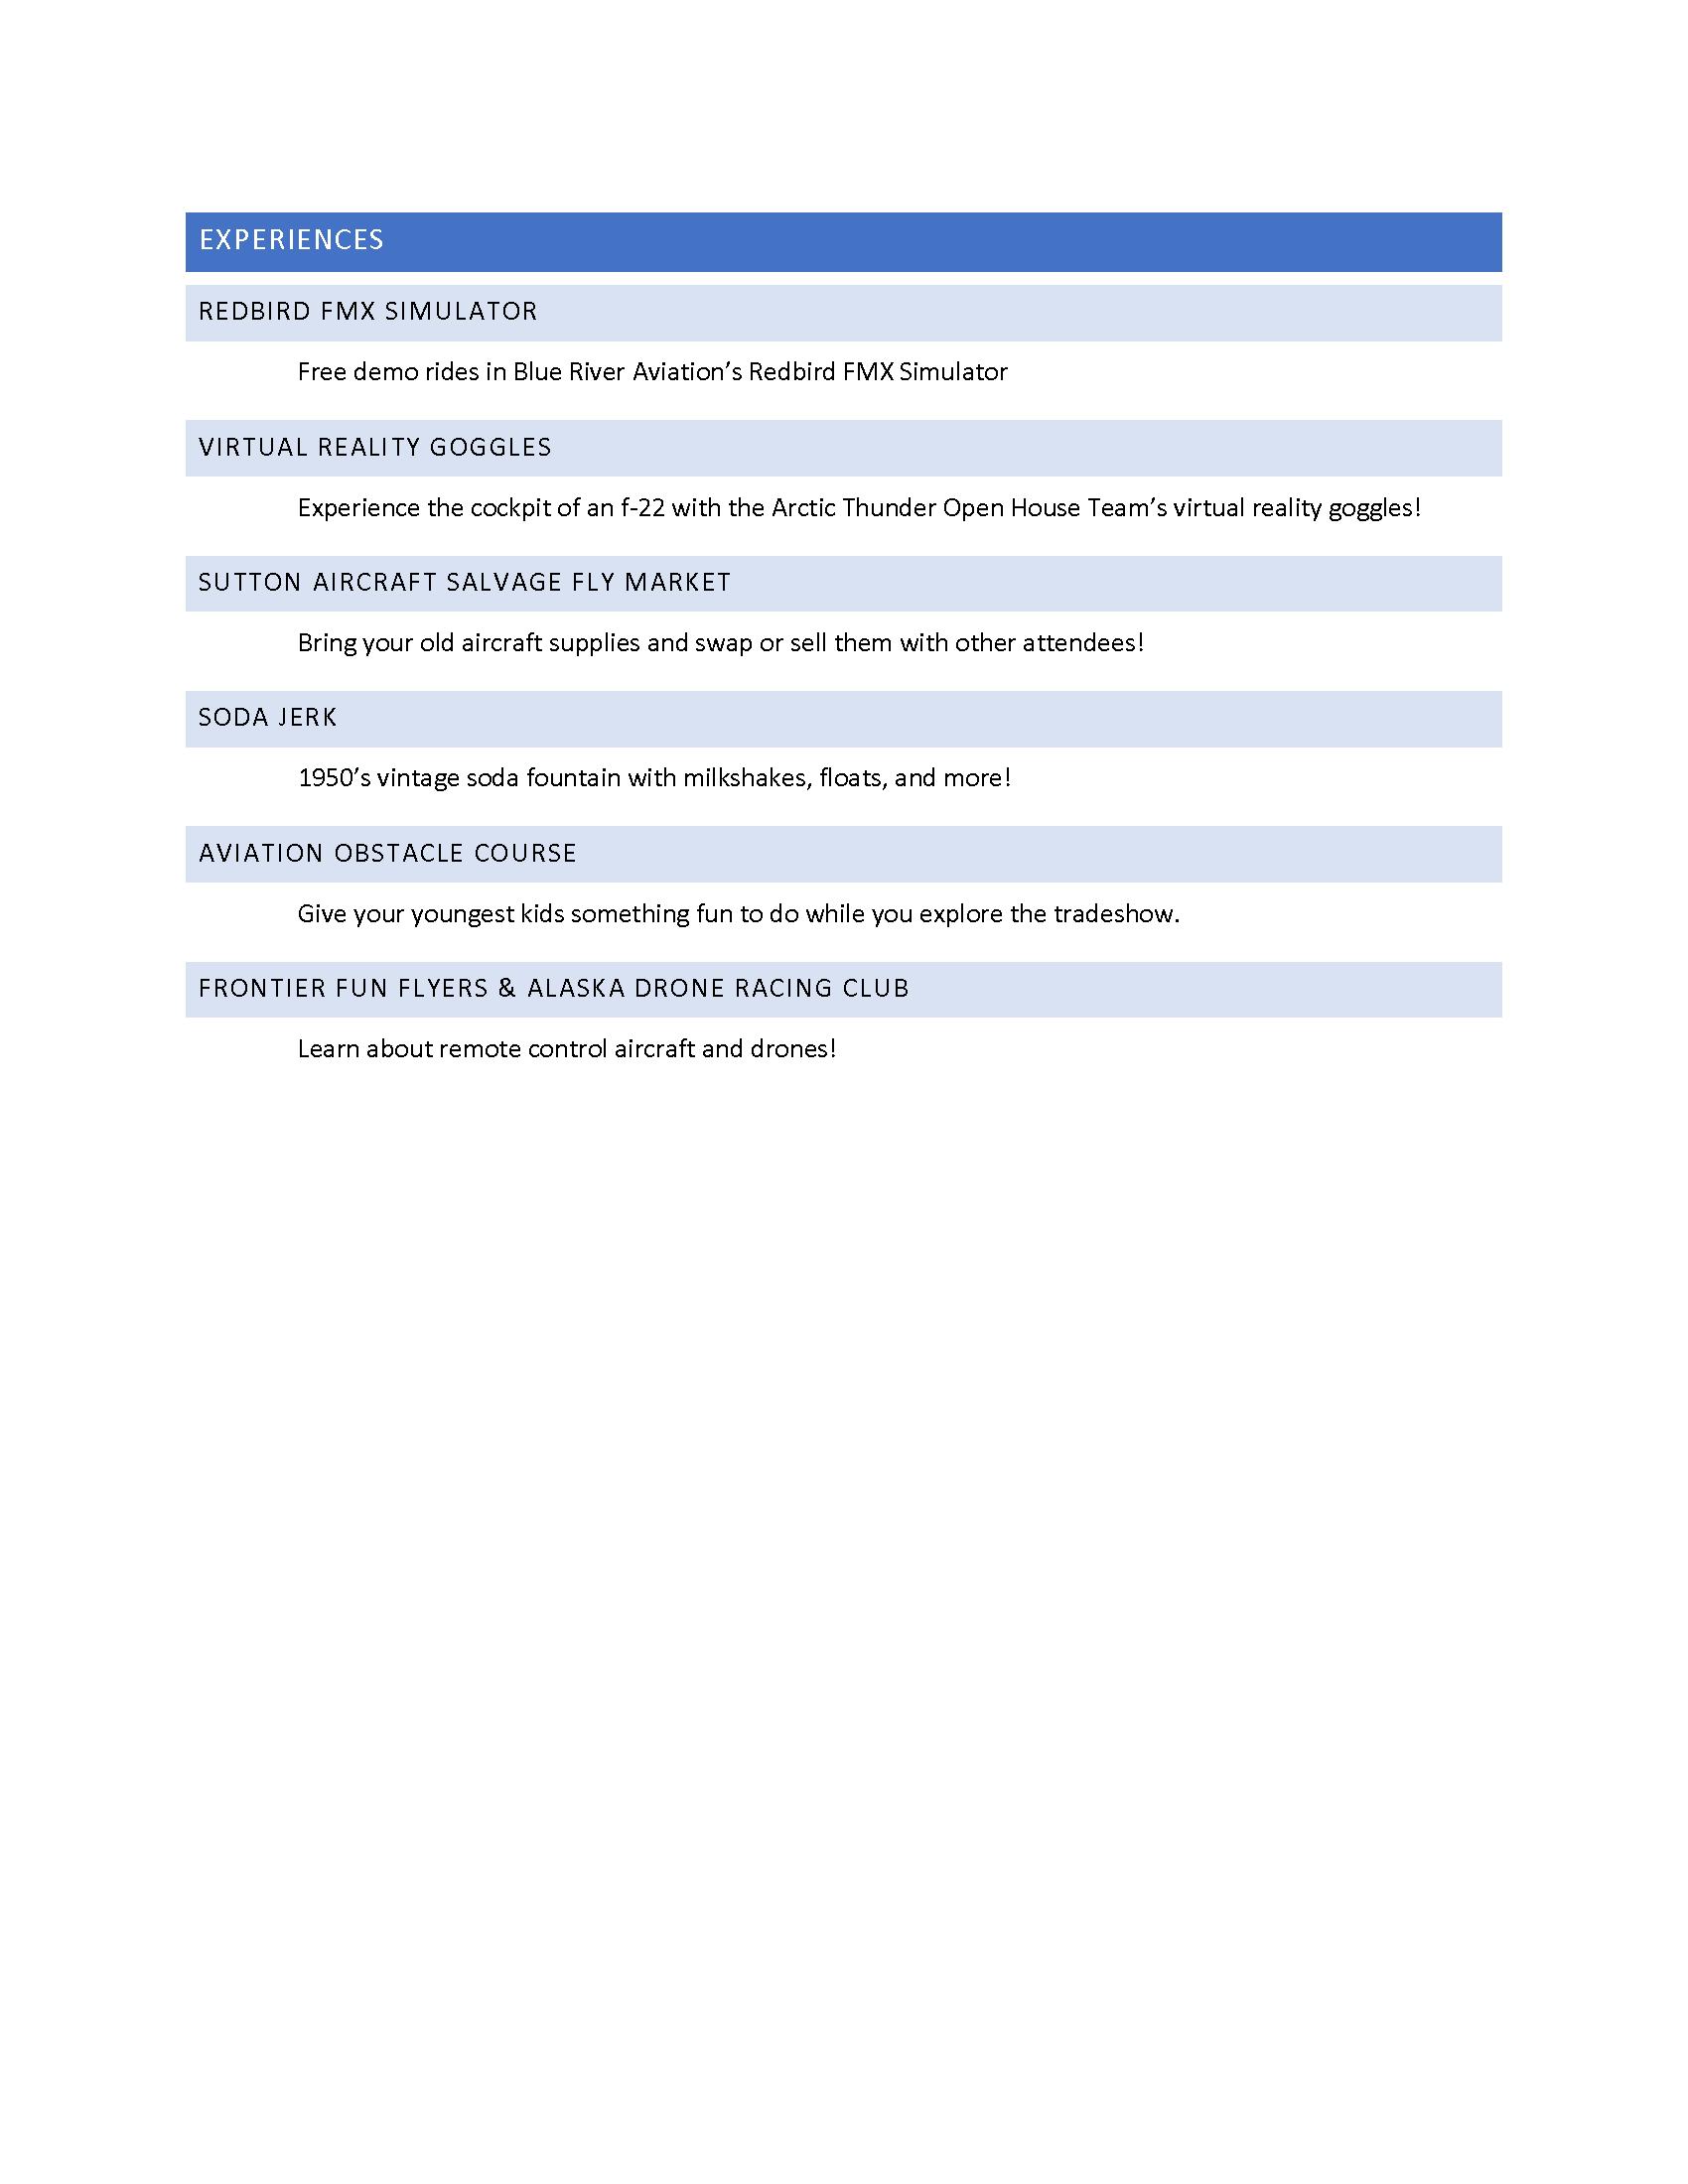 Craig Taylor Pavilion List_Page_2